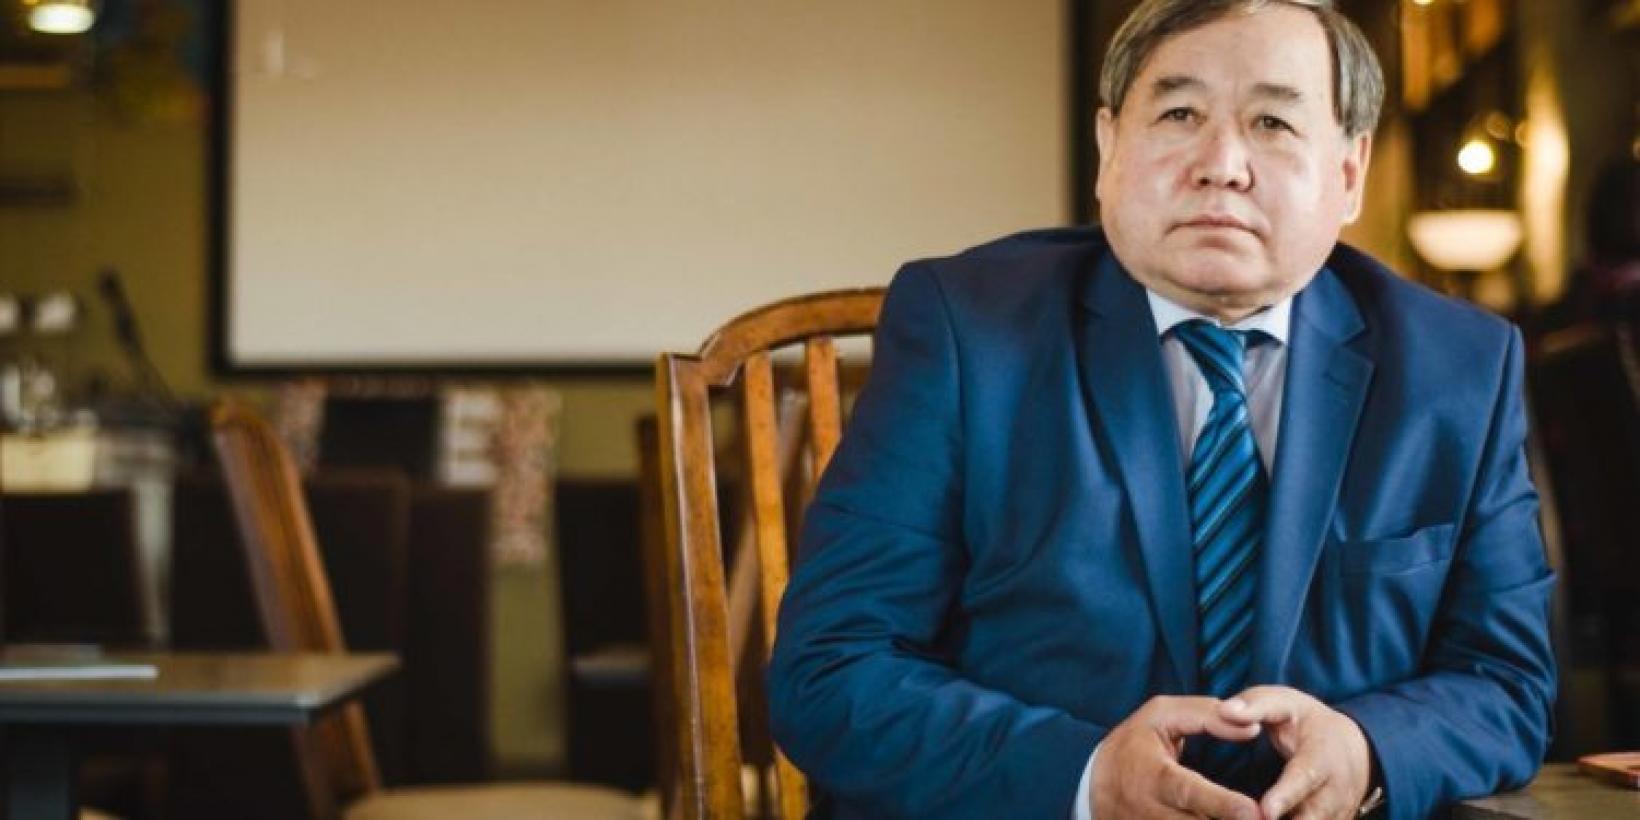 Кандидат в президенты Садыбек Тугел сдал экзамен на знание госязыка - что о нем известно?